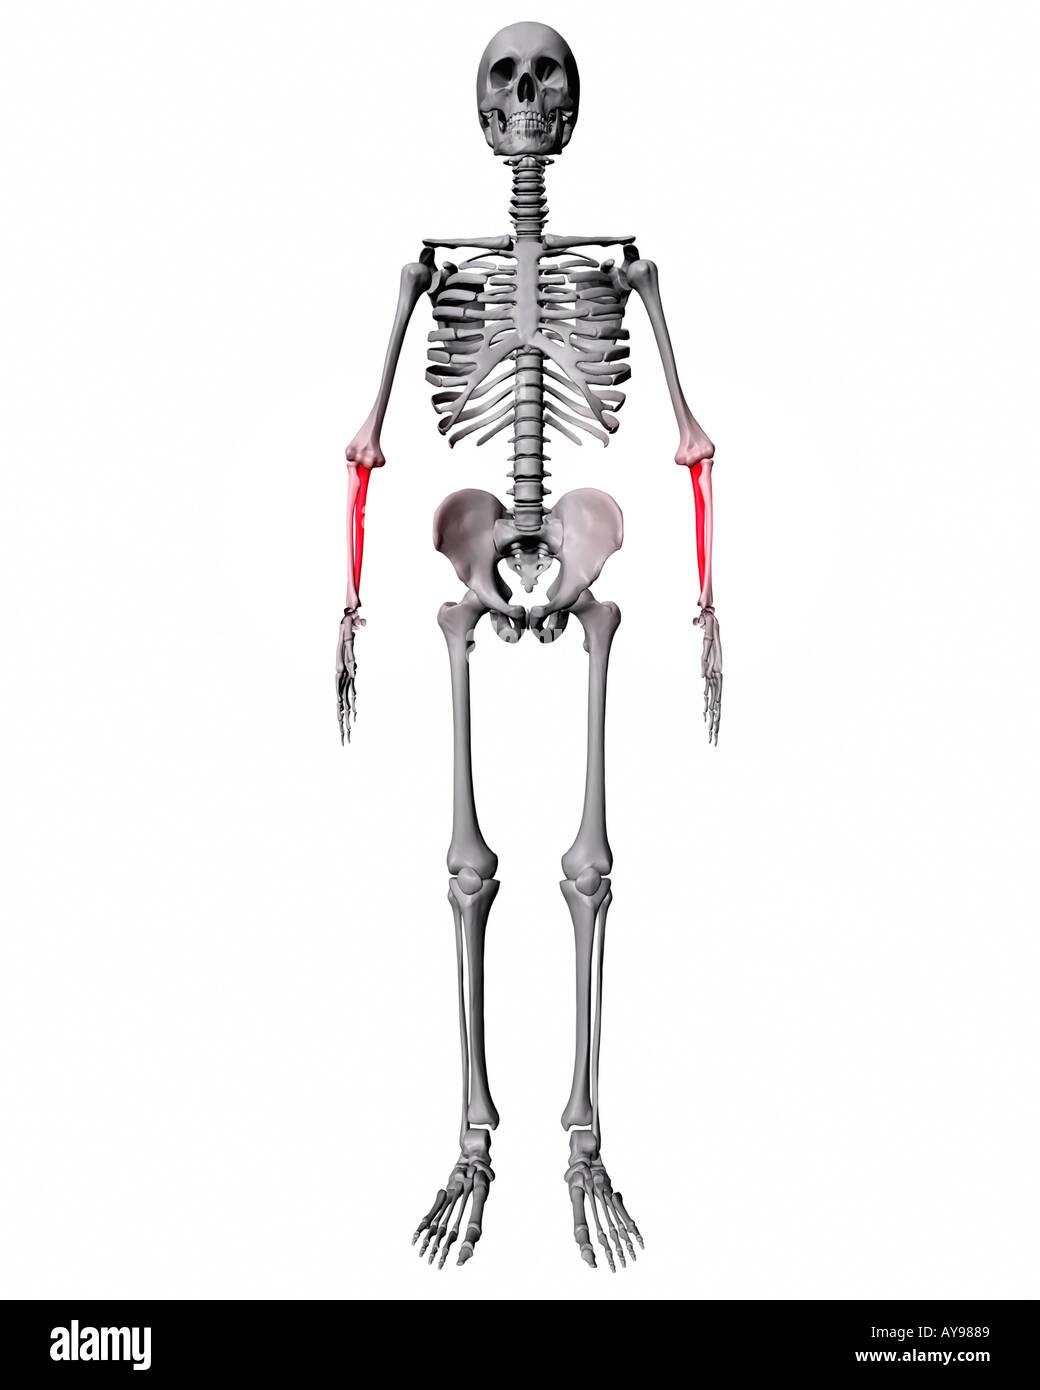 Erfreut Studie Knochen Anatomie Bilder - Menschliche Anatomie Bilder ...